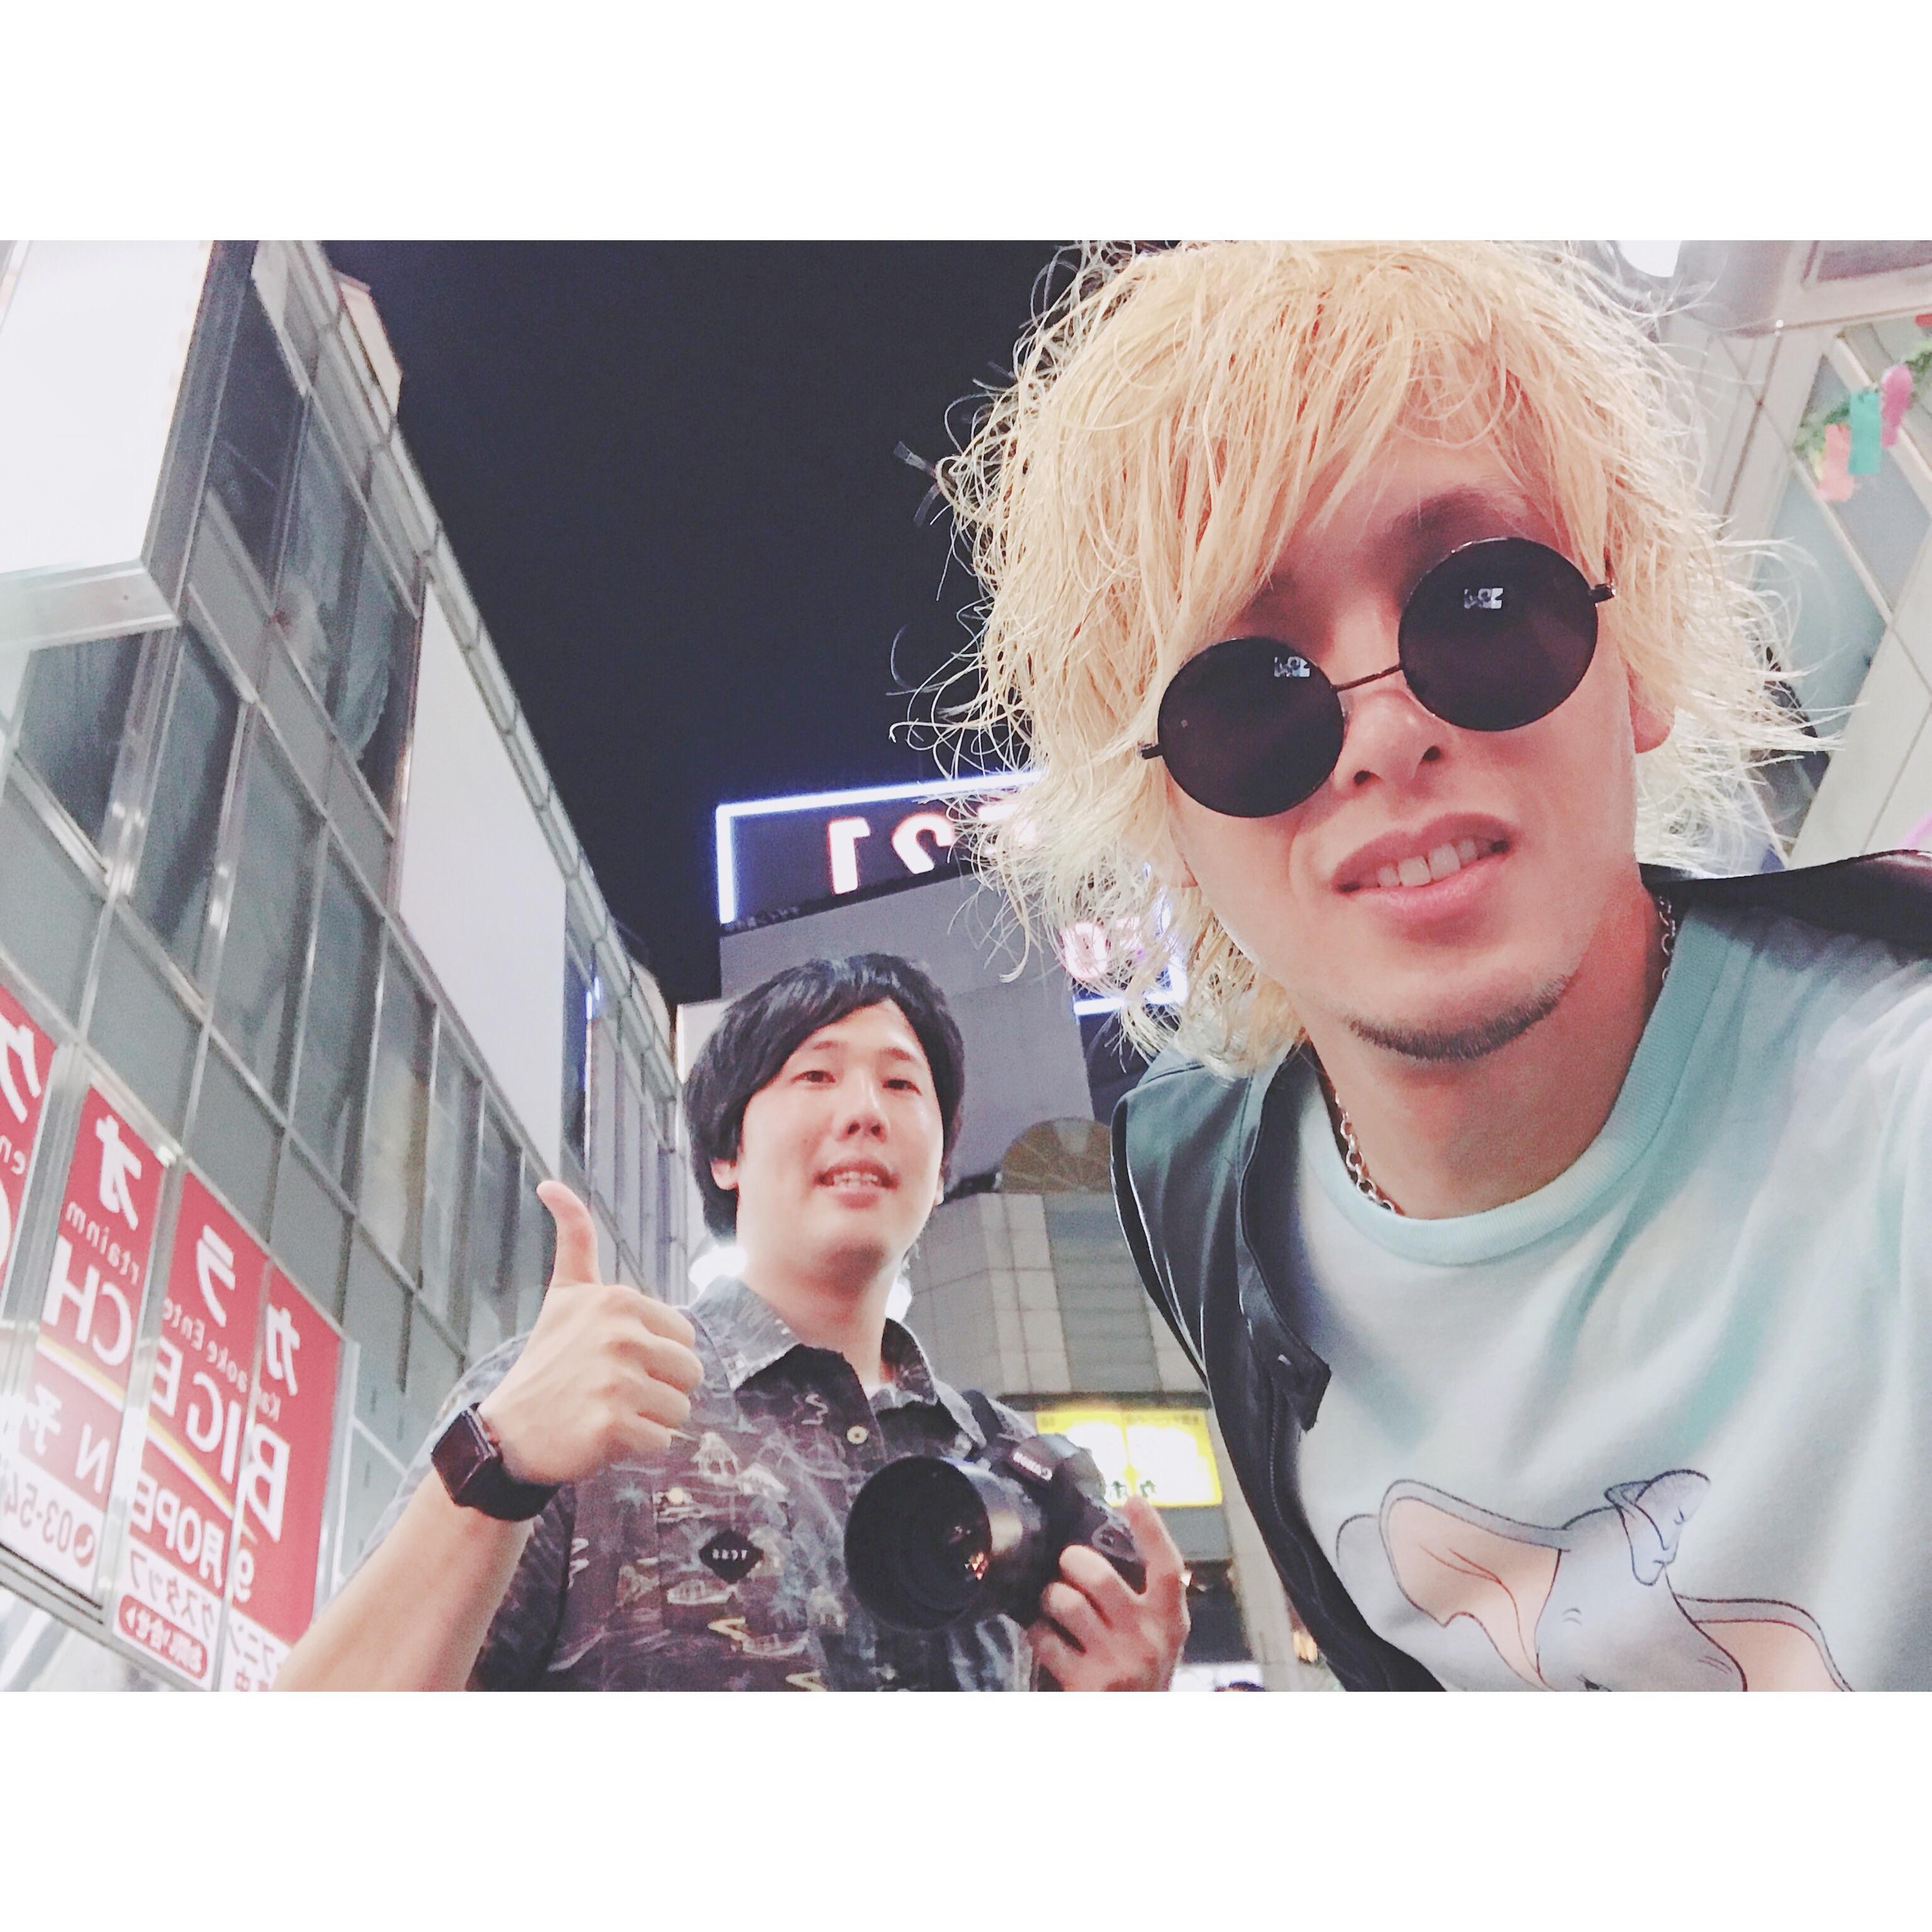 f:id:Yosuke0912:20180720235426j:image